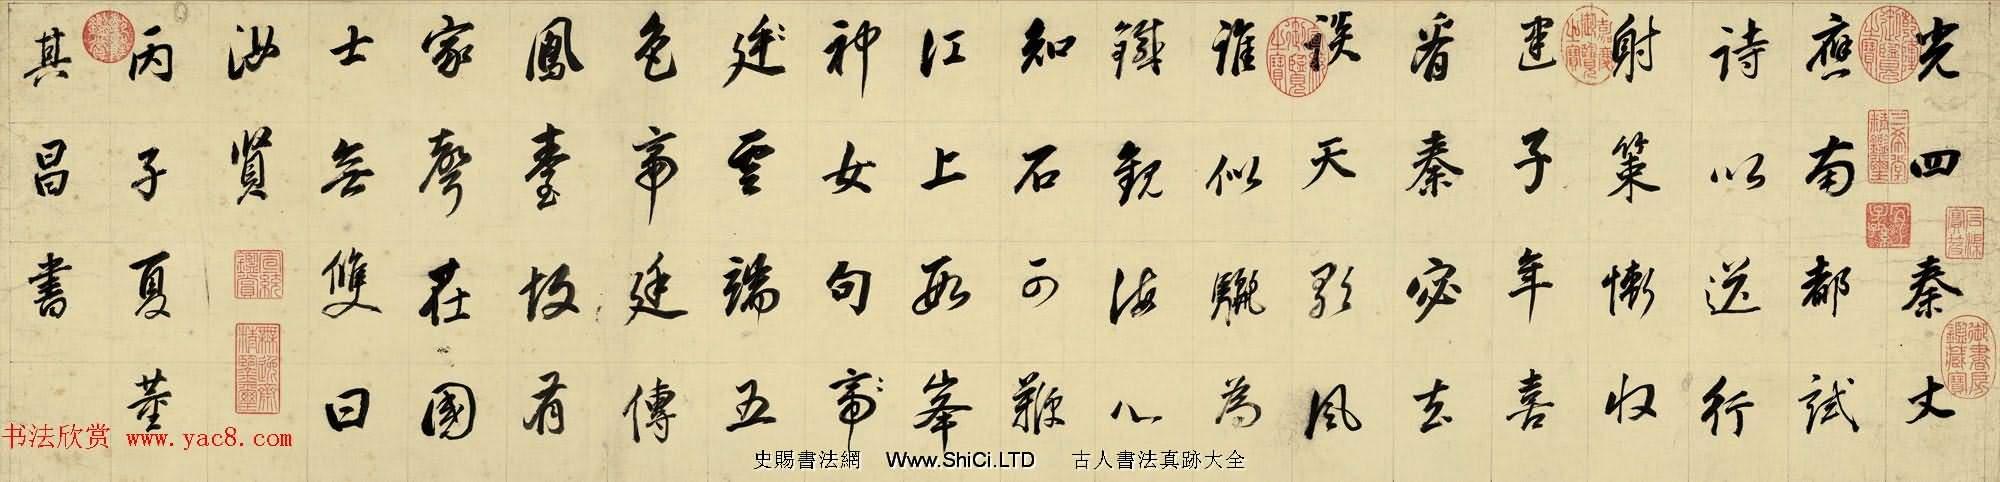 董其昌82歲自書詩帖卷行楷七律高清TIF(共12張圖片)